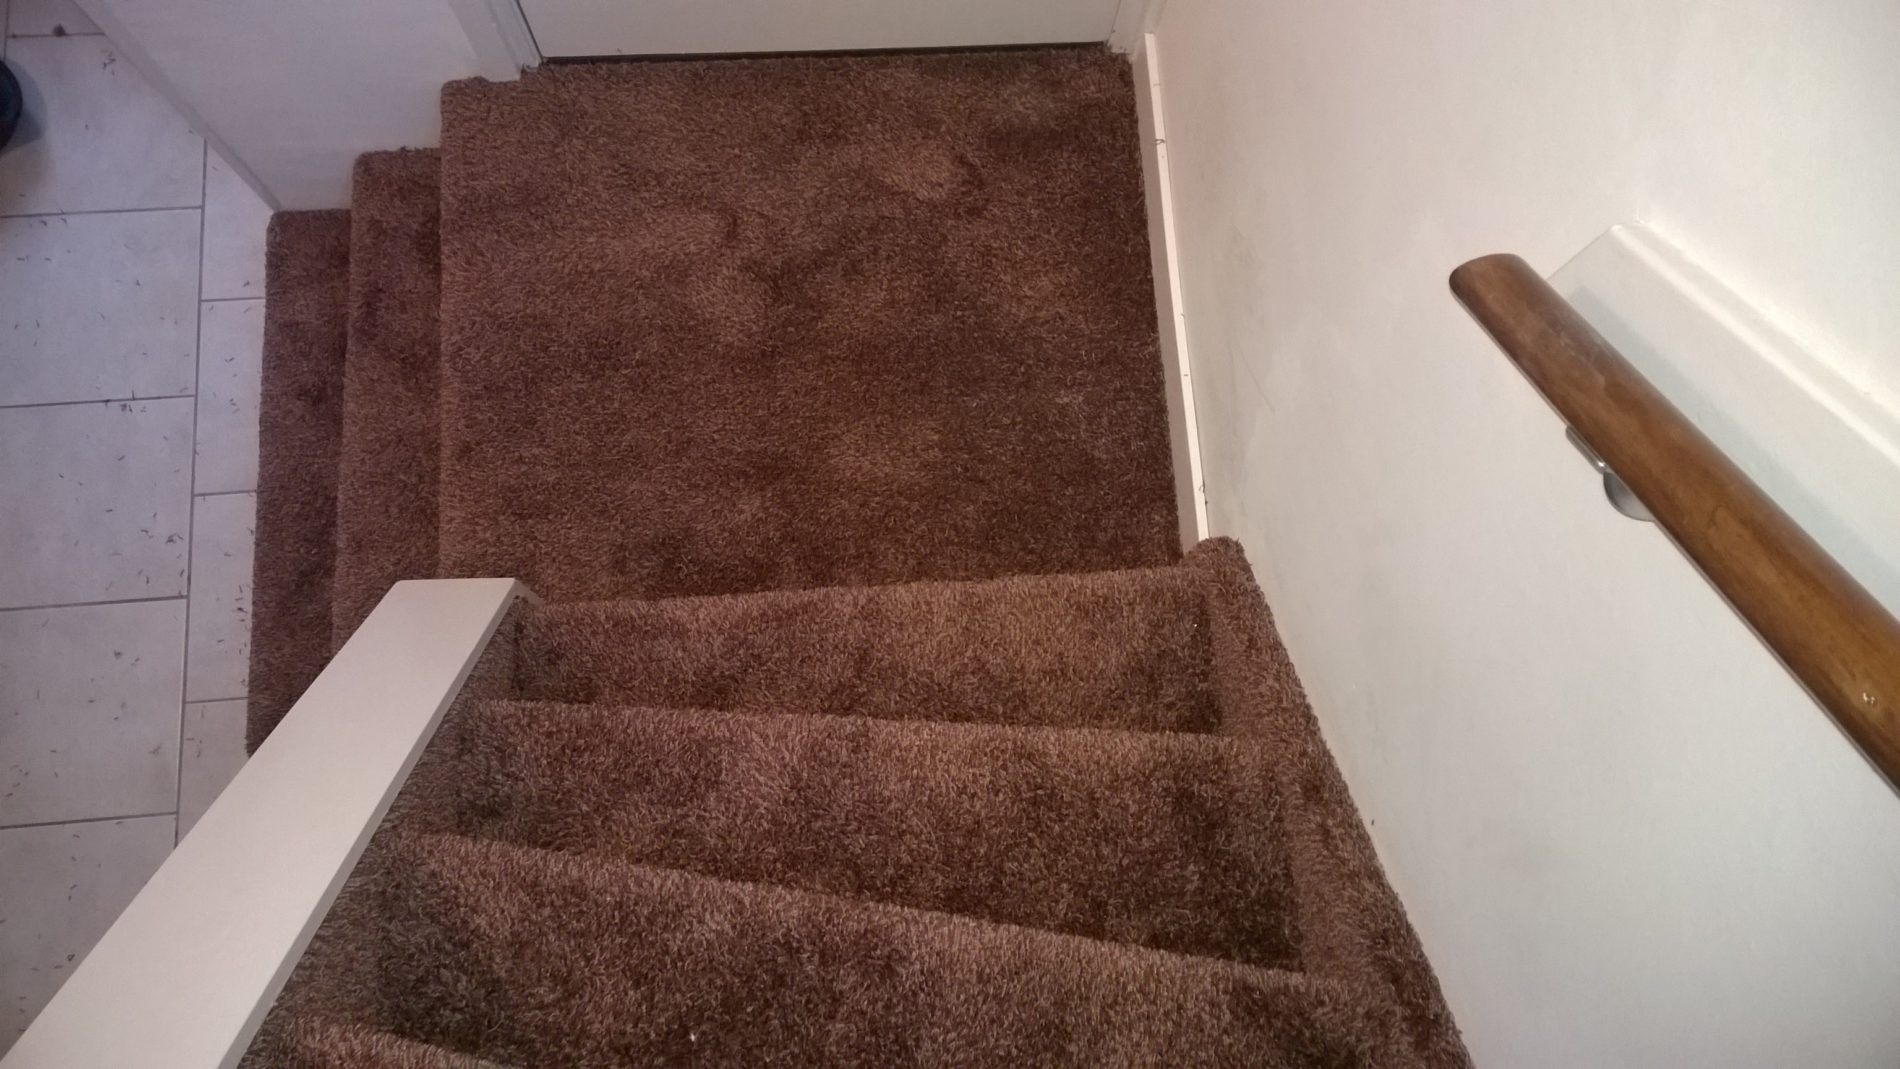 Vloerbedekking voor je trap dat kan heel goed traprenovatie